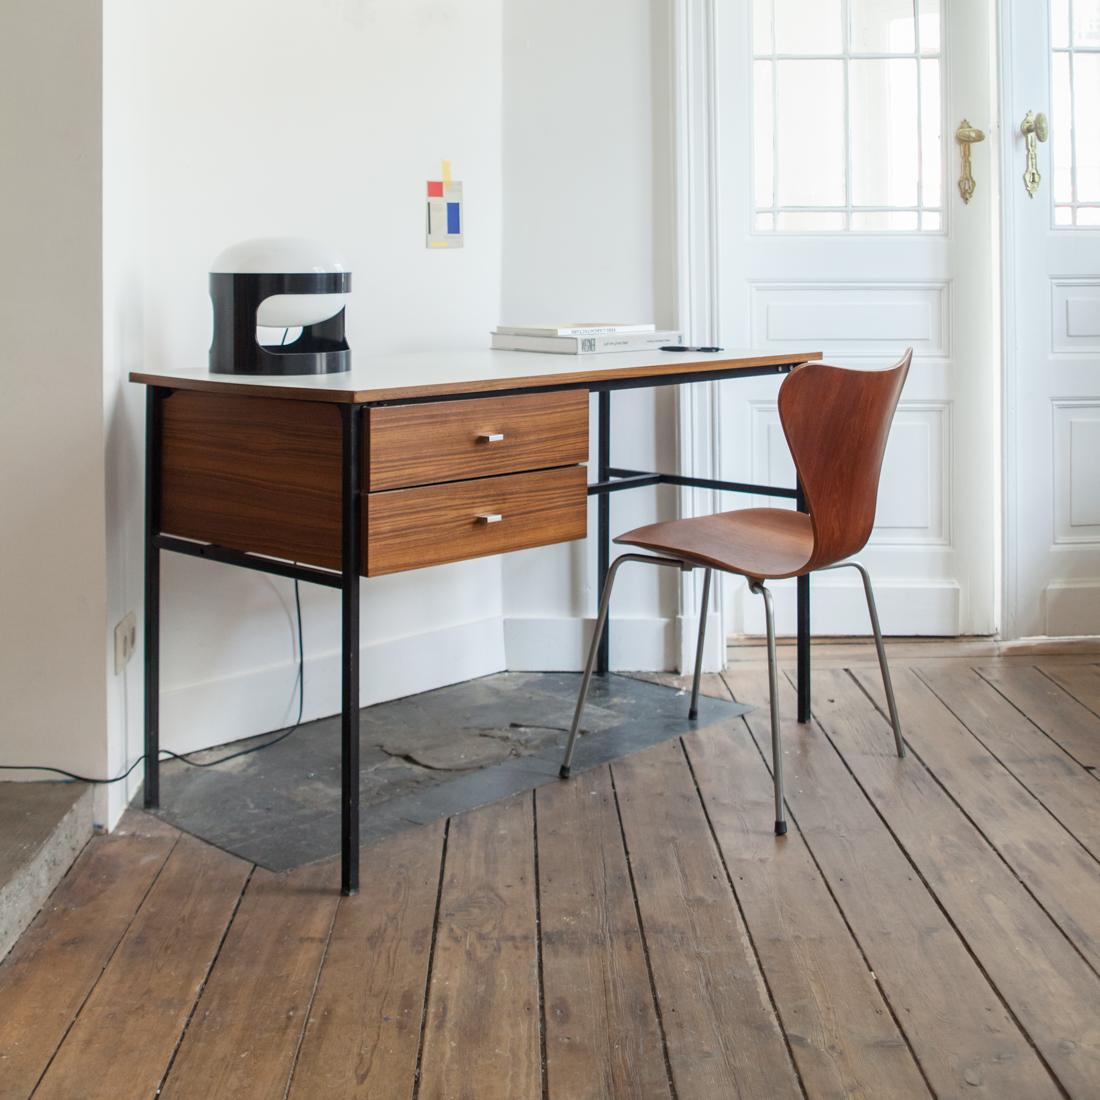 bureau pierre guariche la maison bruxelloise. Black Bedroom Furniture Sets. Home Design Ideas